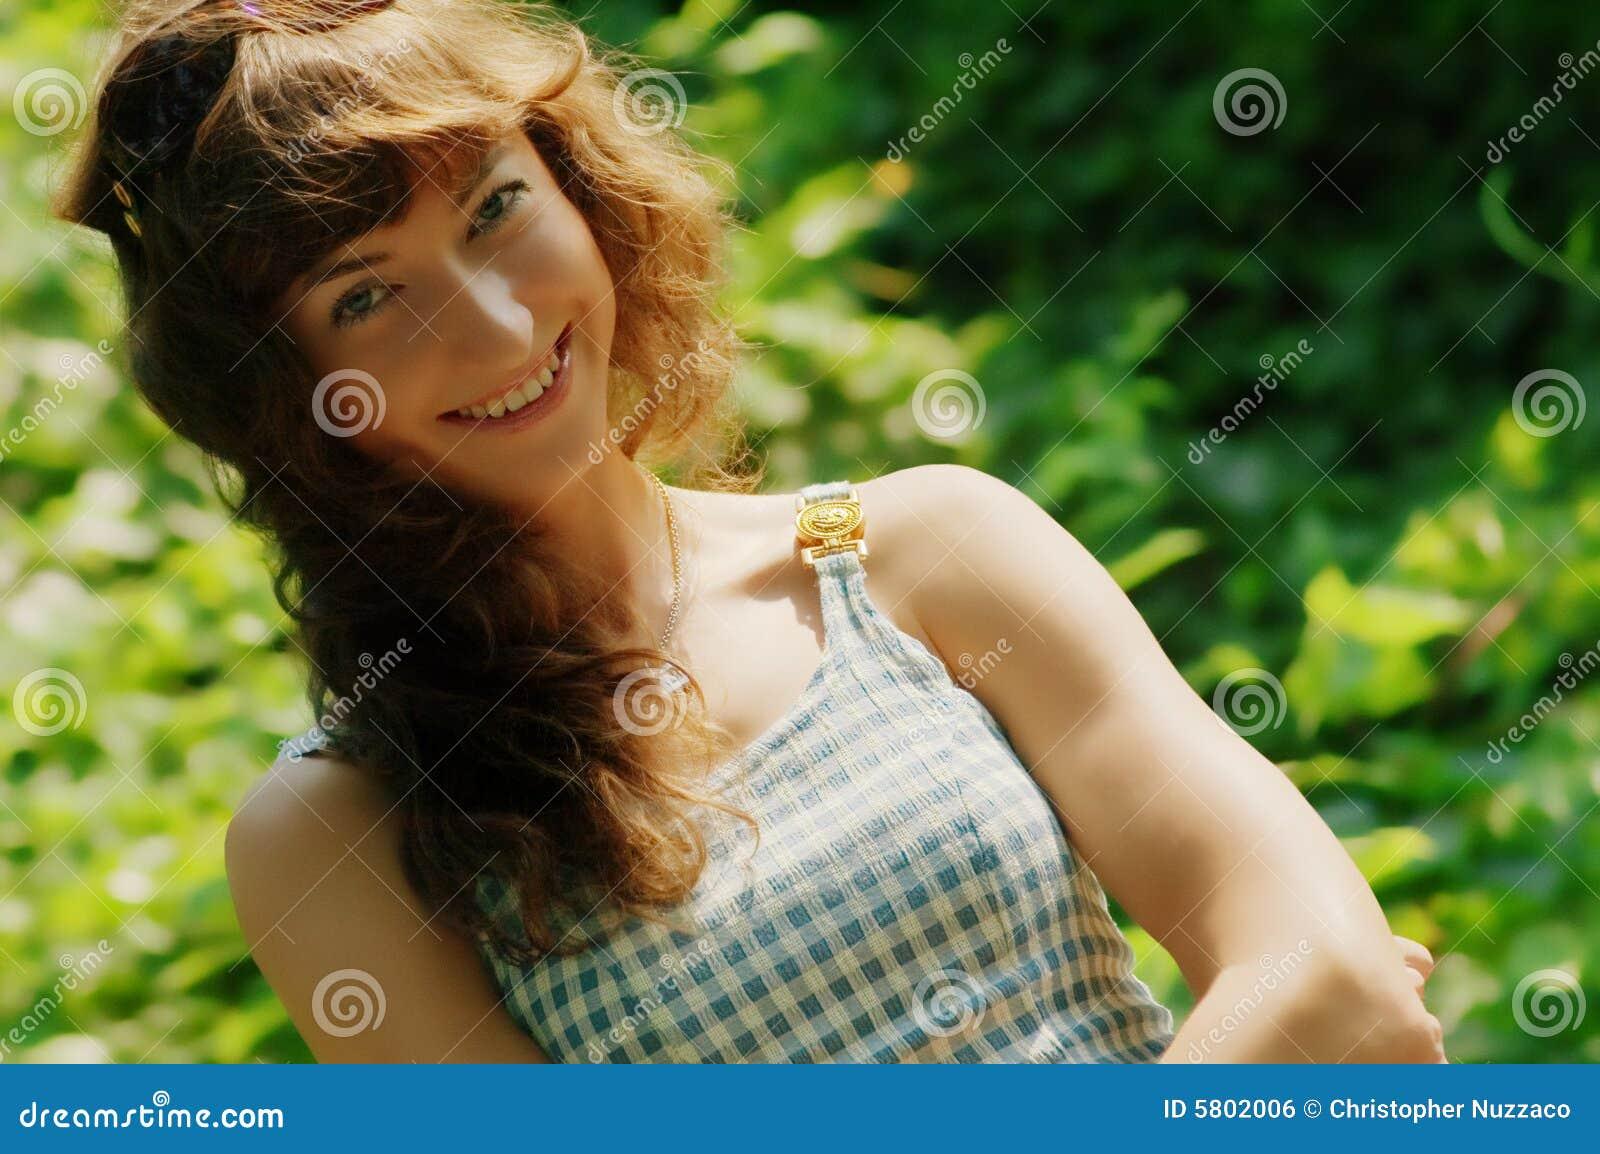 Mooi Meisje in Land